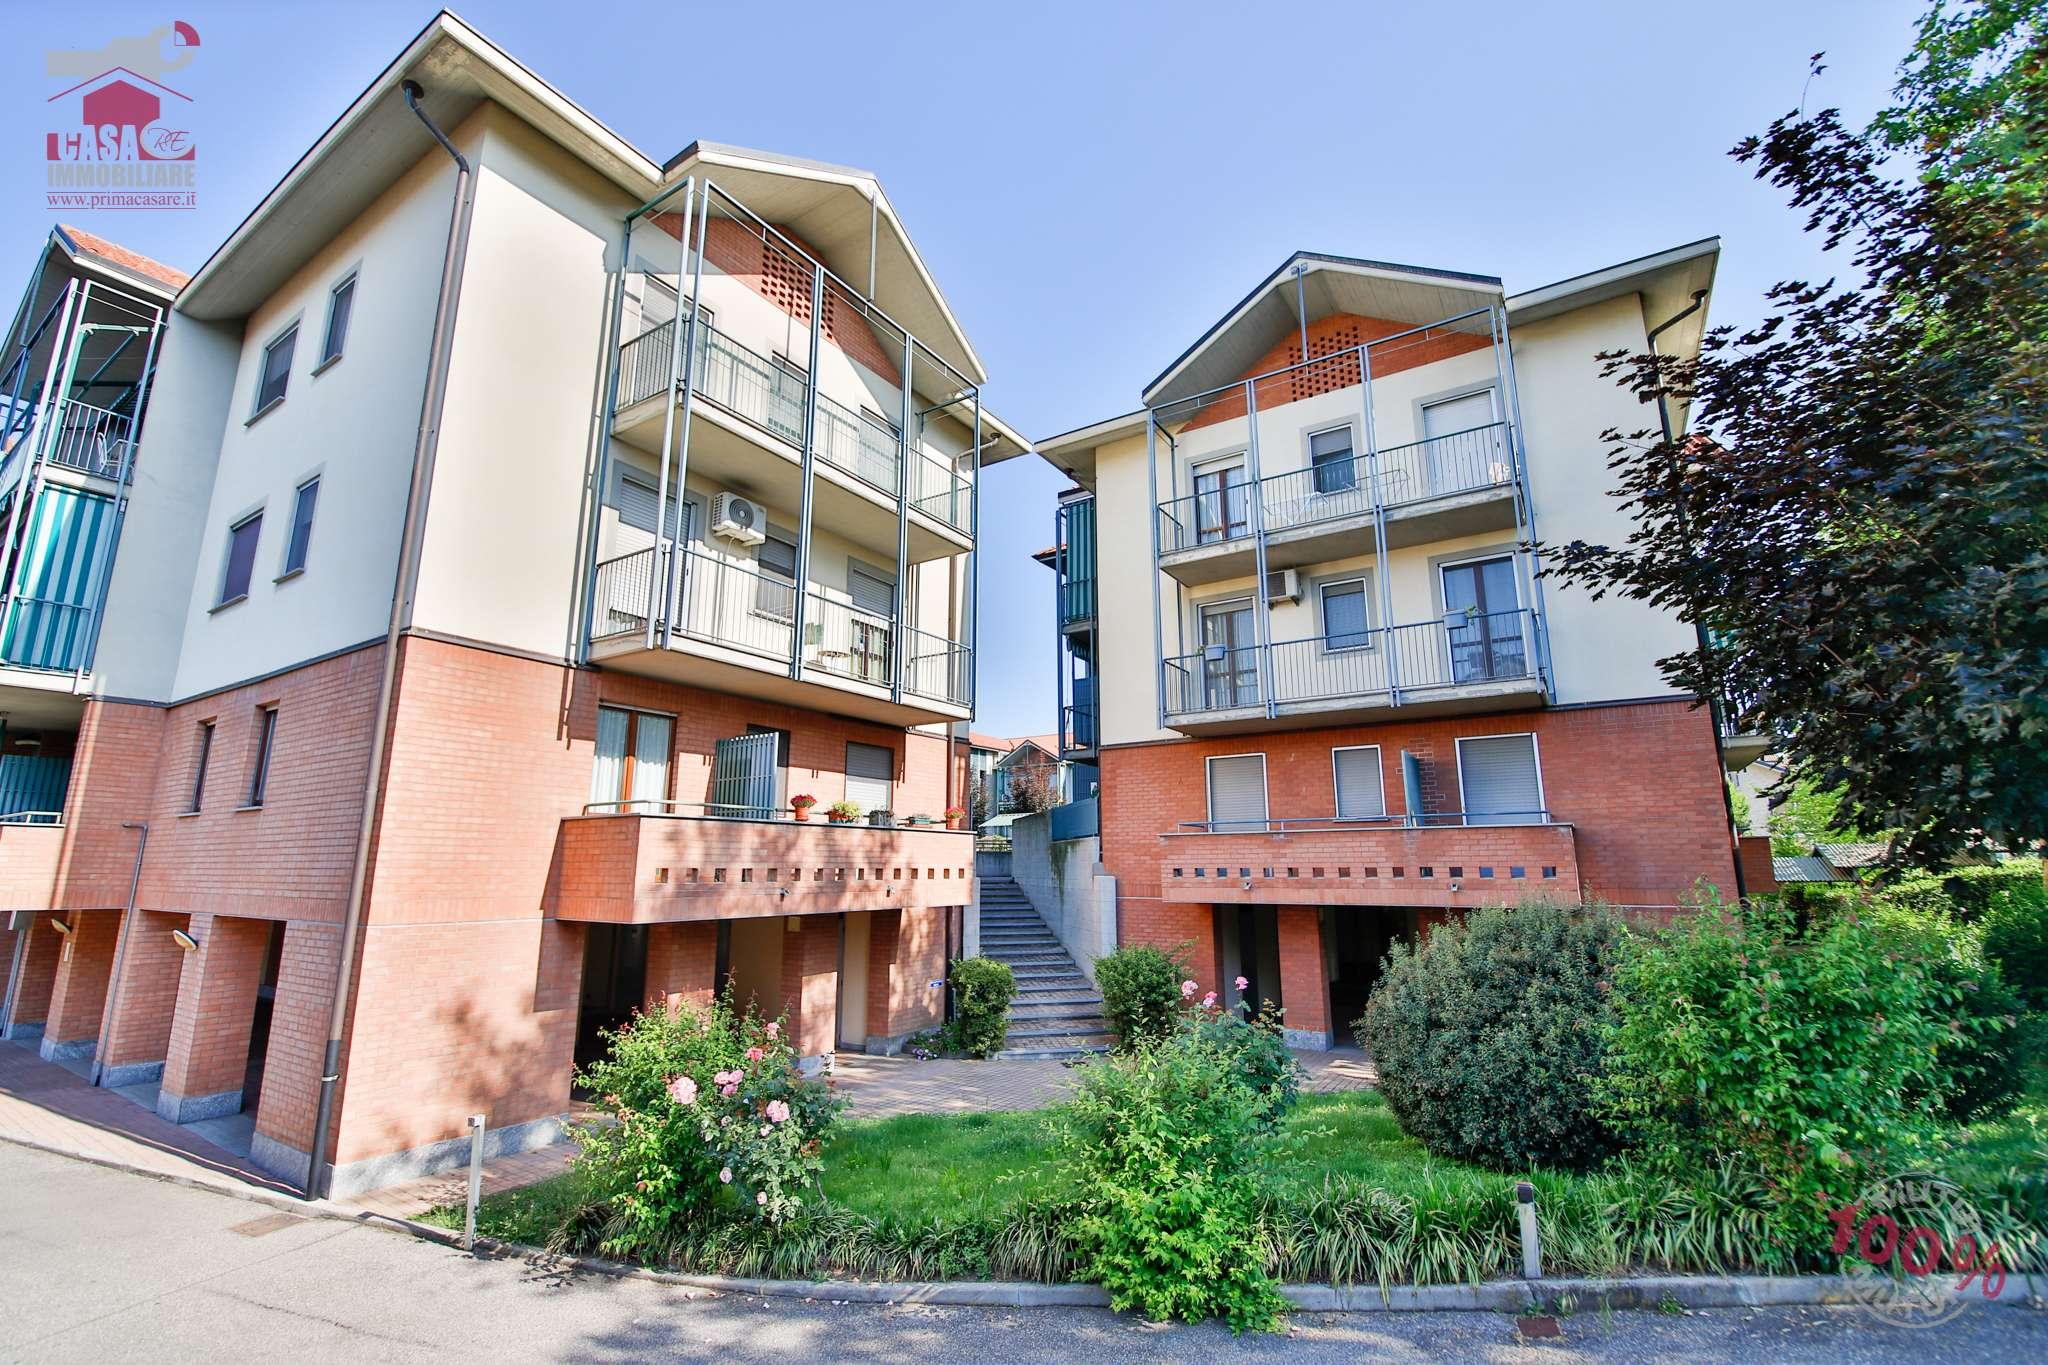 Appartamento in vendita a Volpiano, 4 locali, prezzo € 159.000   PortaleAgenzieImmobiliari.it